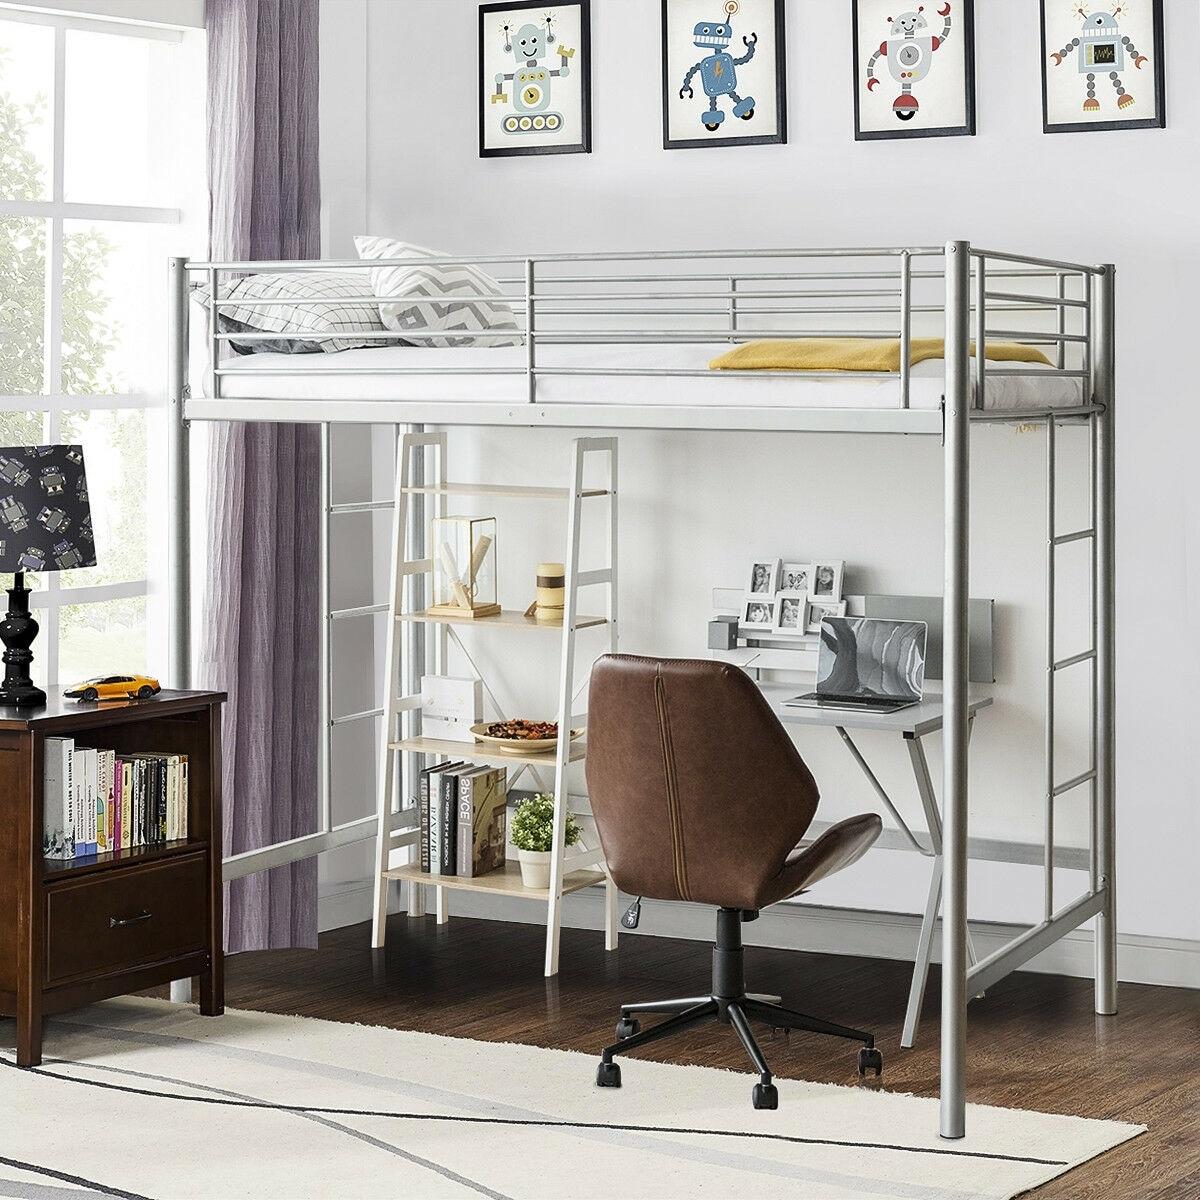 Gymax Twin Loft Bed Metal Bunk Ladder Beds Boys Girls Teens Kids Bedroom Dorm Overstock 24250748